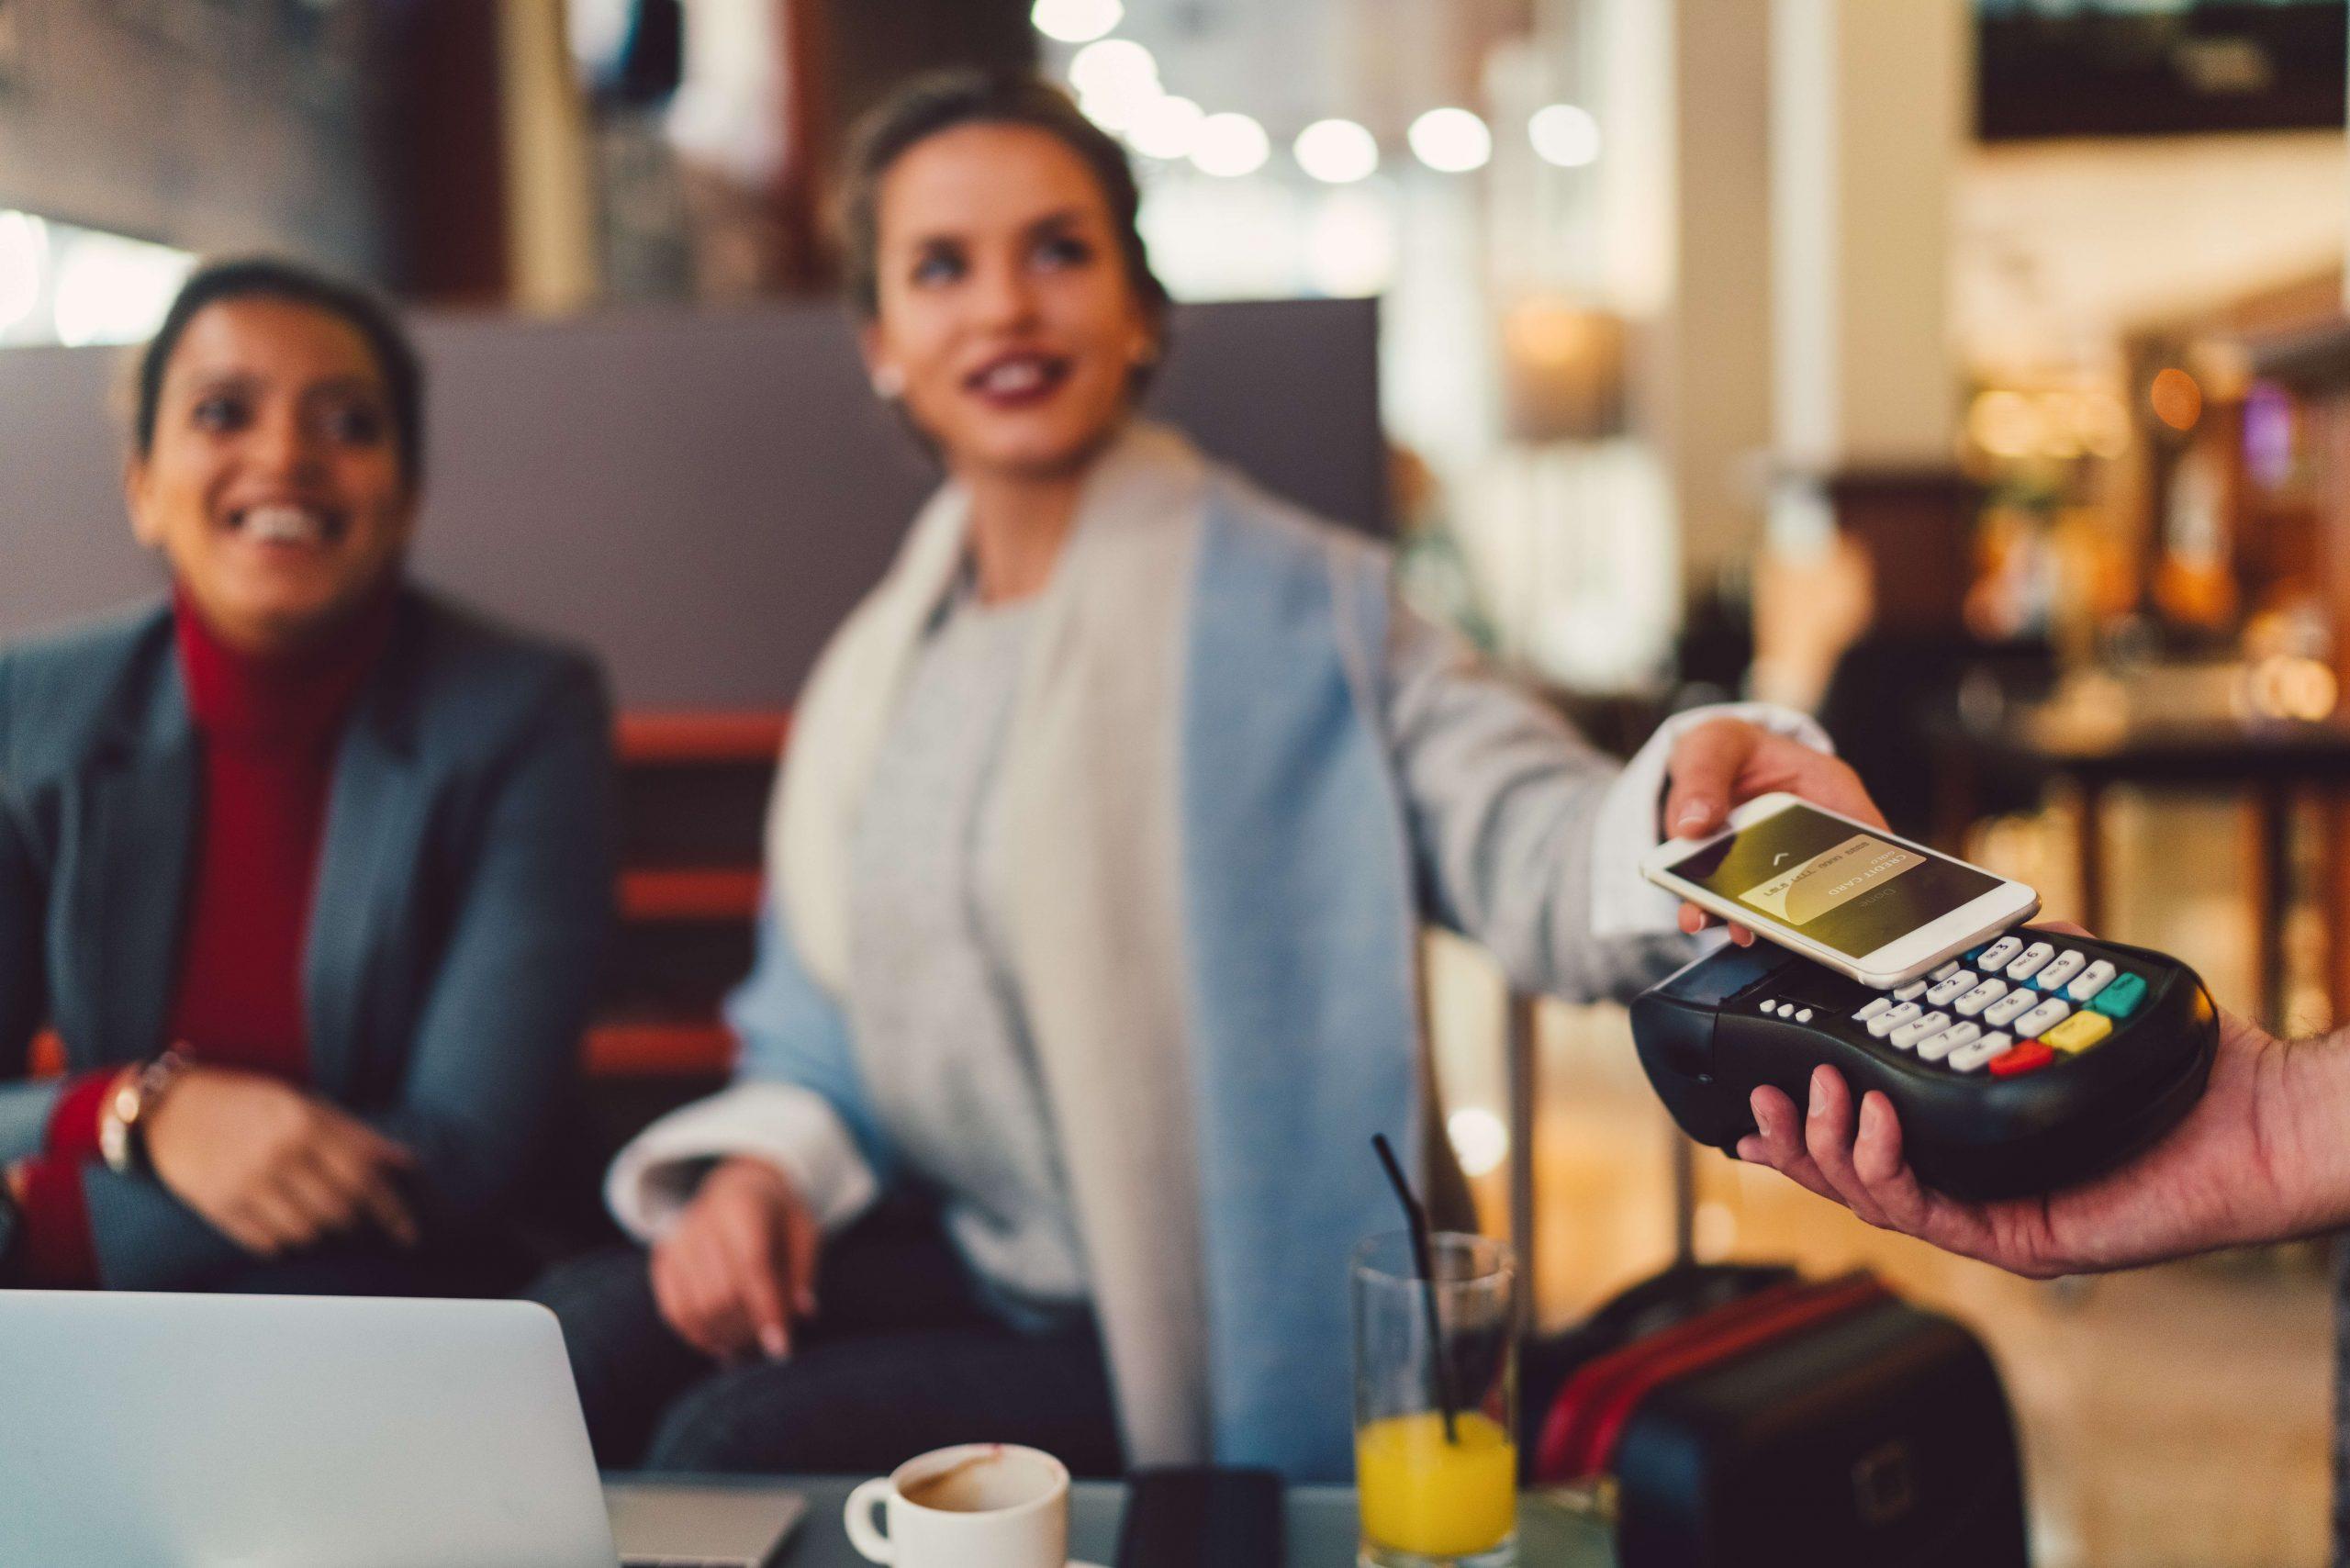 zwei Frauen im Cafe bezahlen mobil mit Smartphone